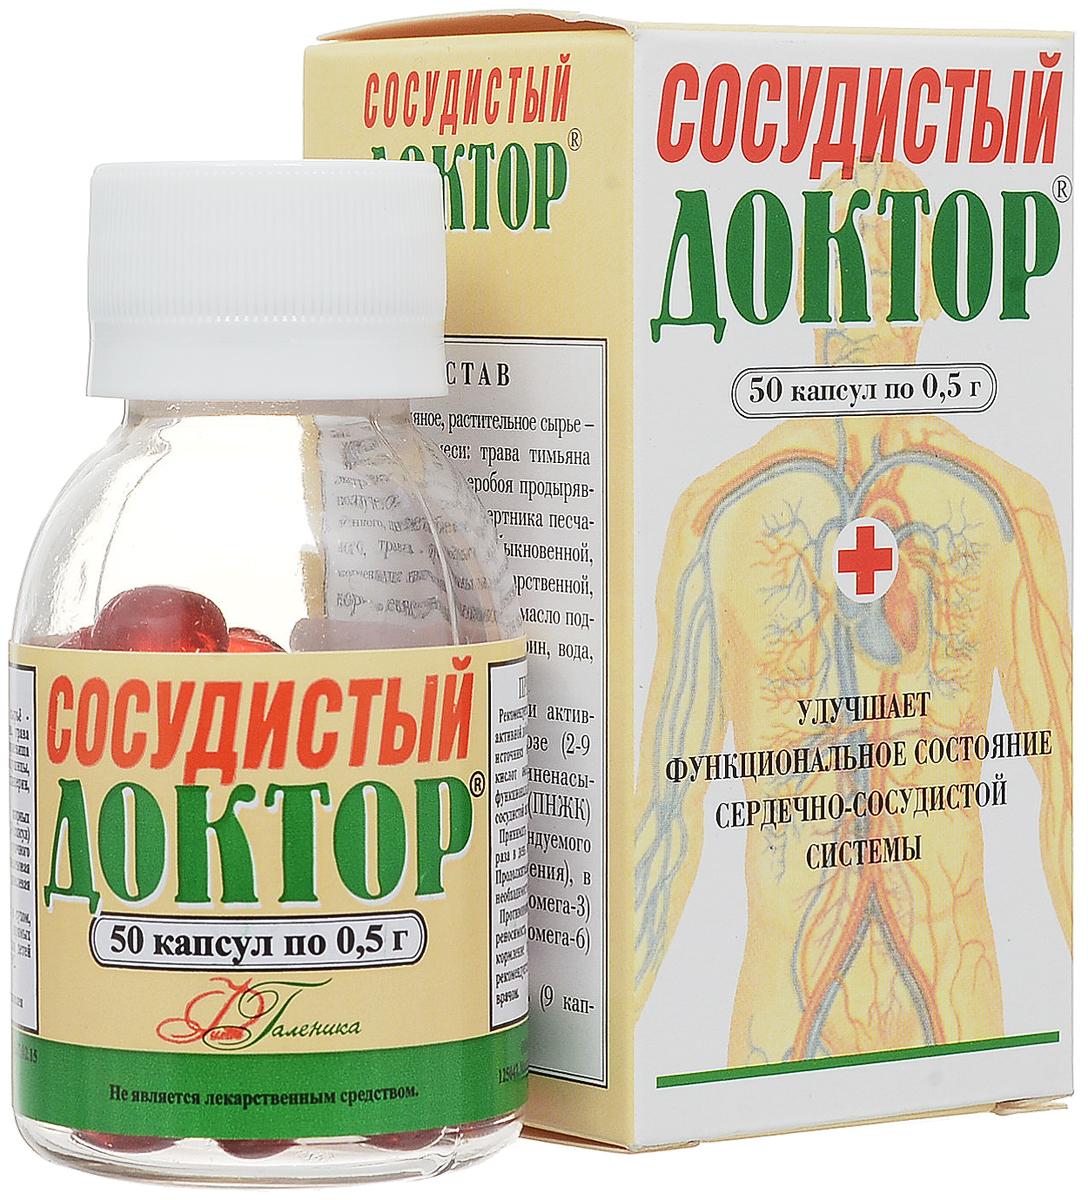 Биологически активная добавка к пище Сосудистый доктор, 50 капсул14255Сосудистый доктор - БАД, рекомендуется как дополнительное средство купирования отдельных проявлений алкогольного абстинентного синдрома (снижение тахикардии и артериального давления). По клиническим данным стабилизирует работу сосудистой системы, нормализует холестериновый обмен и улучшает кровоснабжение сосудов. Снижает риск развития атеросклероза, инсульта, нормализует артериальное давление , облегчает самочувствие при головных болях различного происхождения, головокружении. Обладает антиоксидантным, вегетостабилизирующим , общеукрепляющим действием. Рекомендуется как дополнительное средство купирования отдельных проявлений алкогольного абстинентного синдрома ( снижение тахикардии и артериального давления). Сфера применения: Кардиология;Лечение и профилактика гипертонической болезни.Товар сертифицирован.